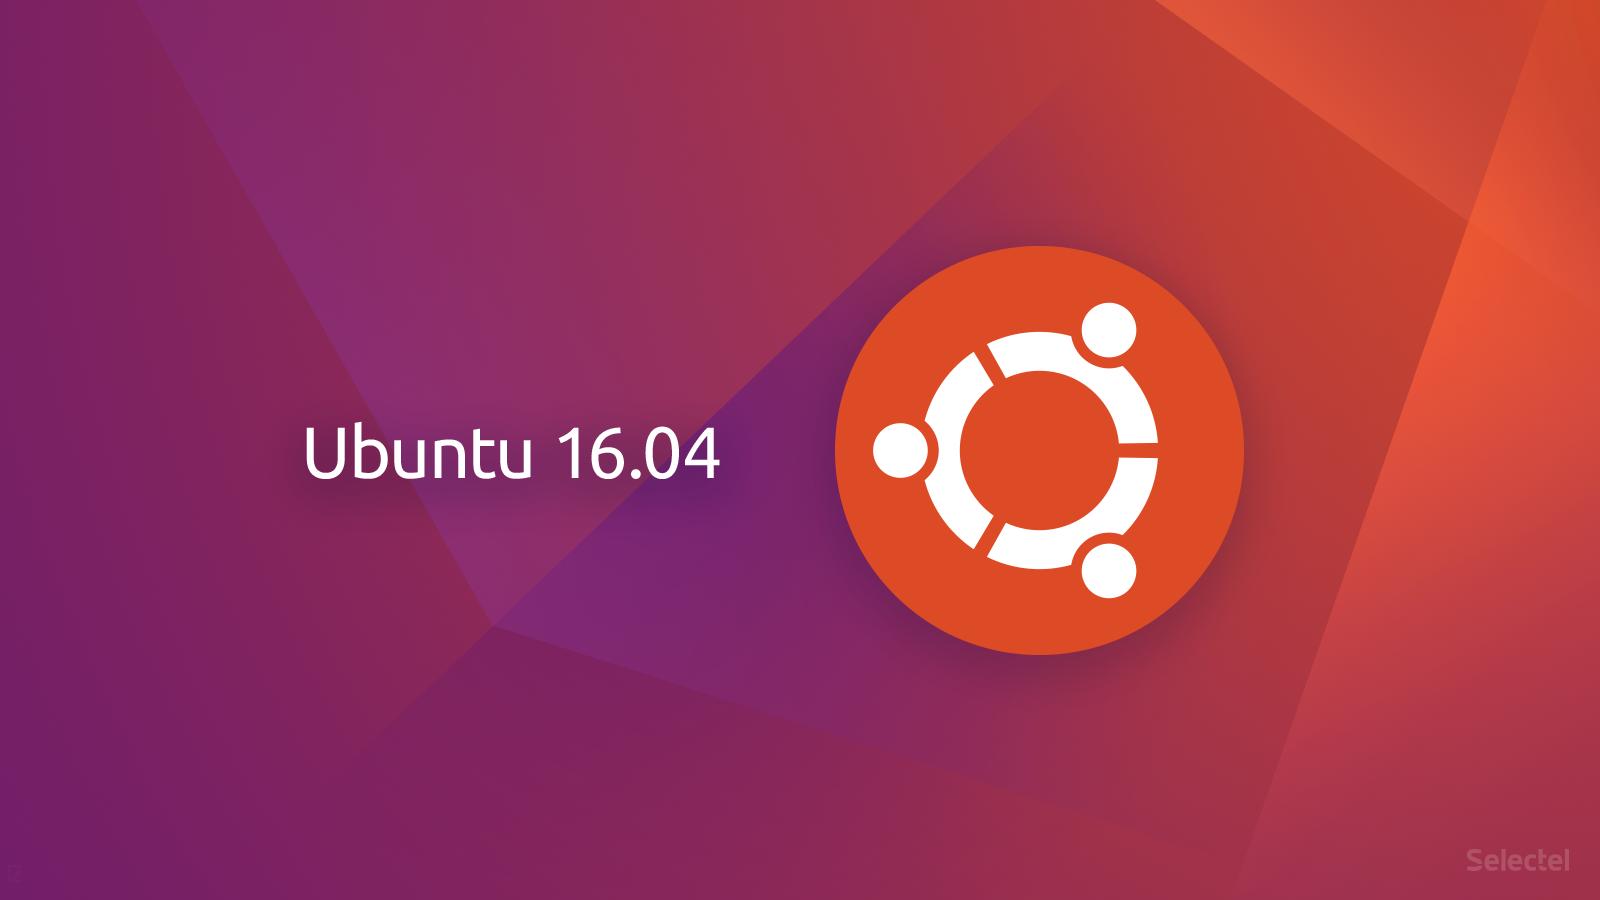 G tech raid software for ubuntu